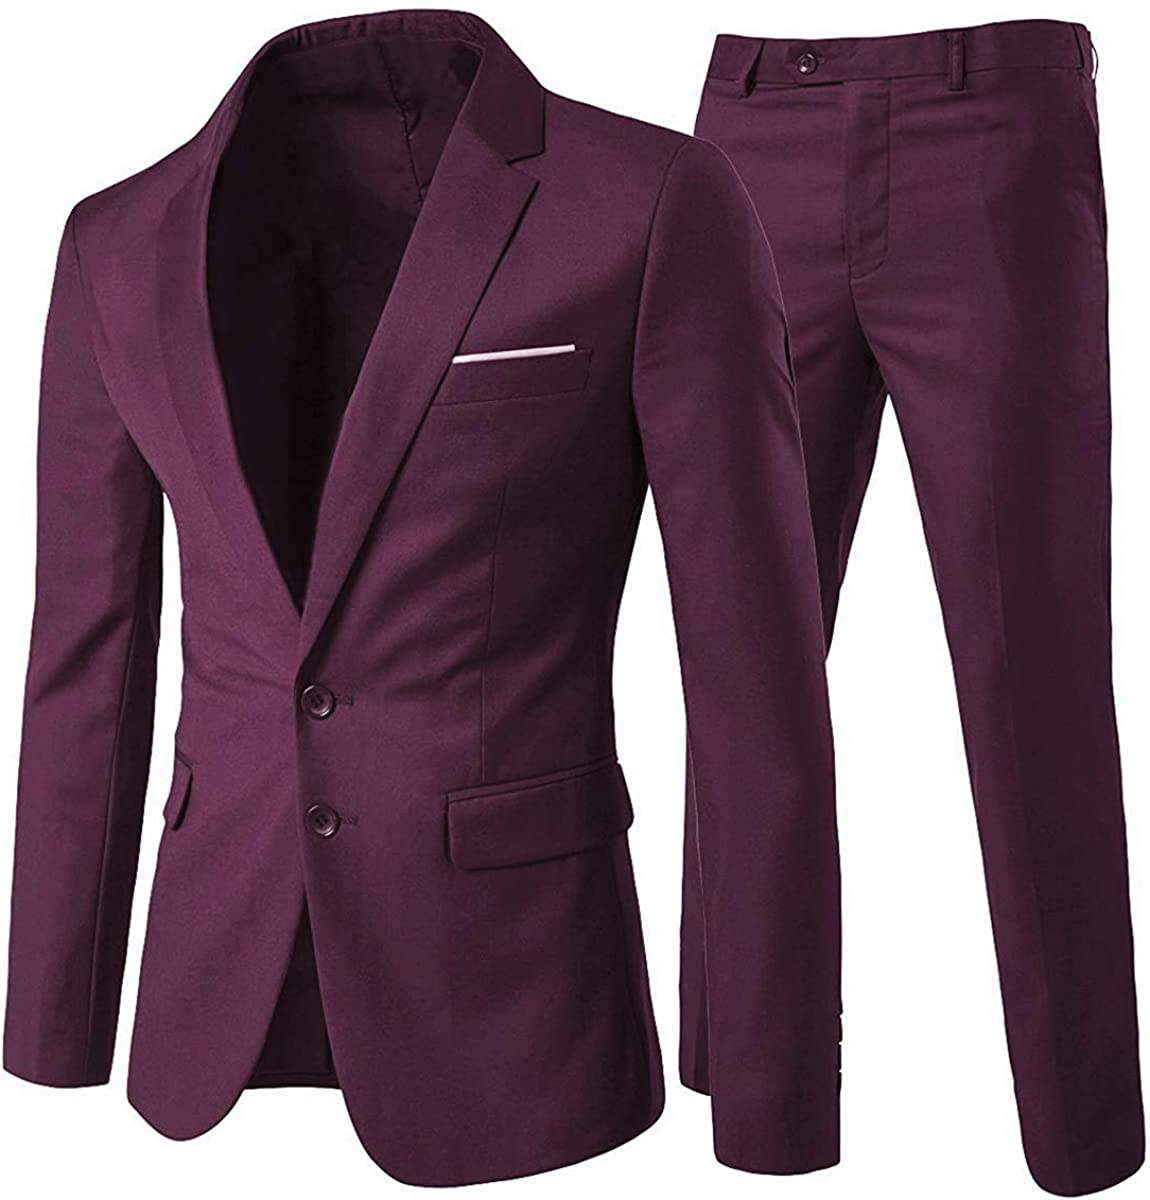 Allthemen Mens Suits 2 Piece Slim Fit Wedding Dress Suit Two Buttons Business Suit Blazer Casual Jackets Trousers